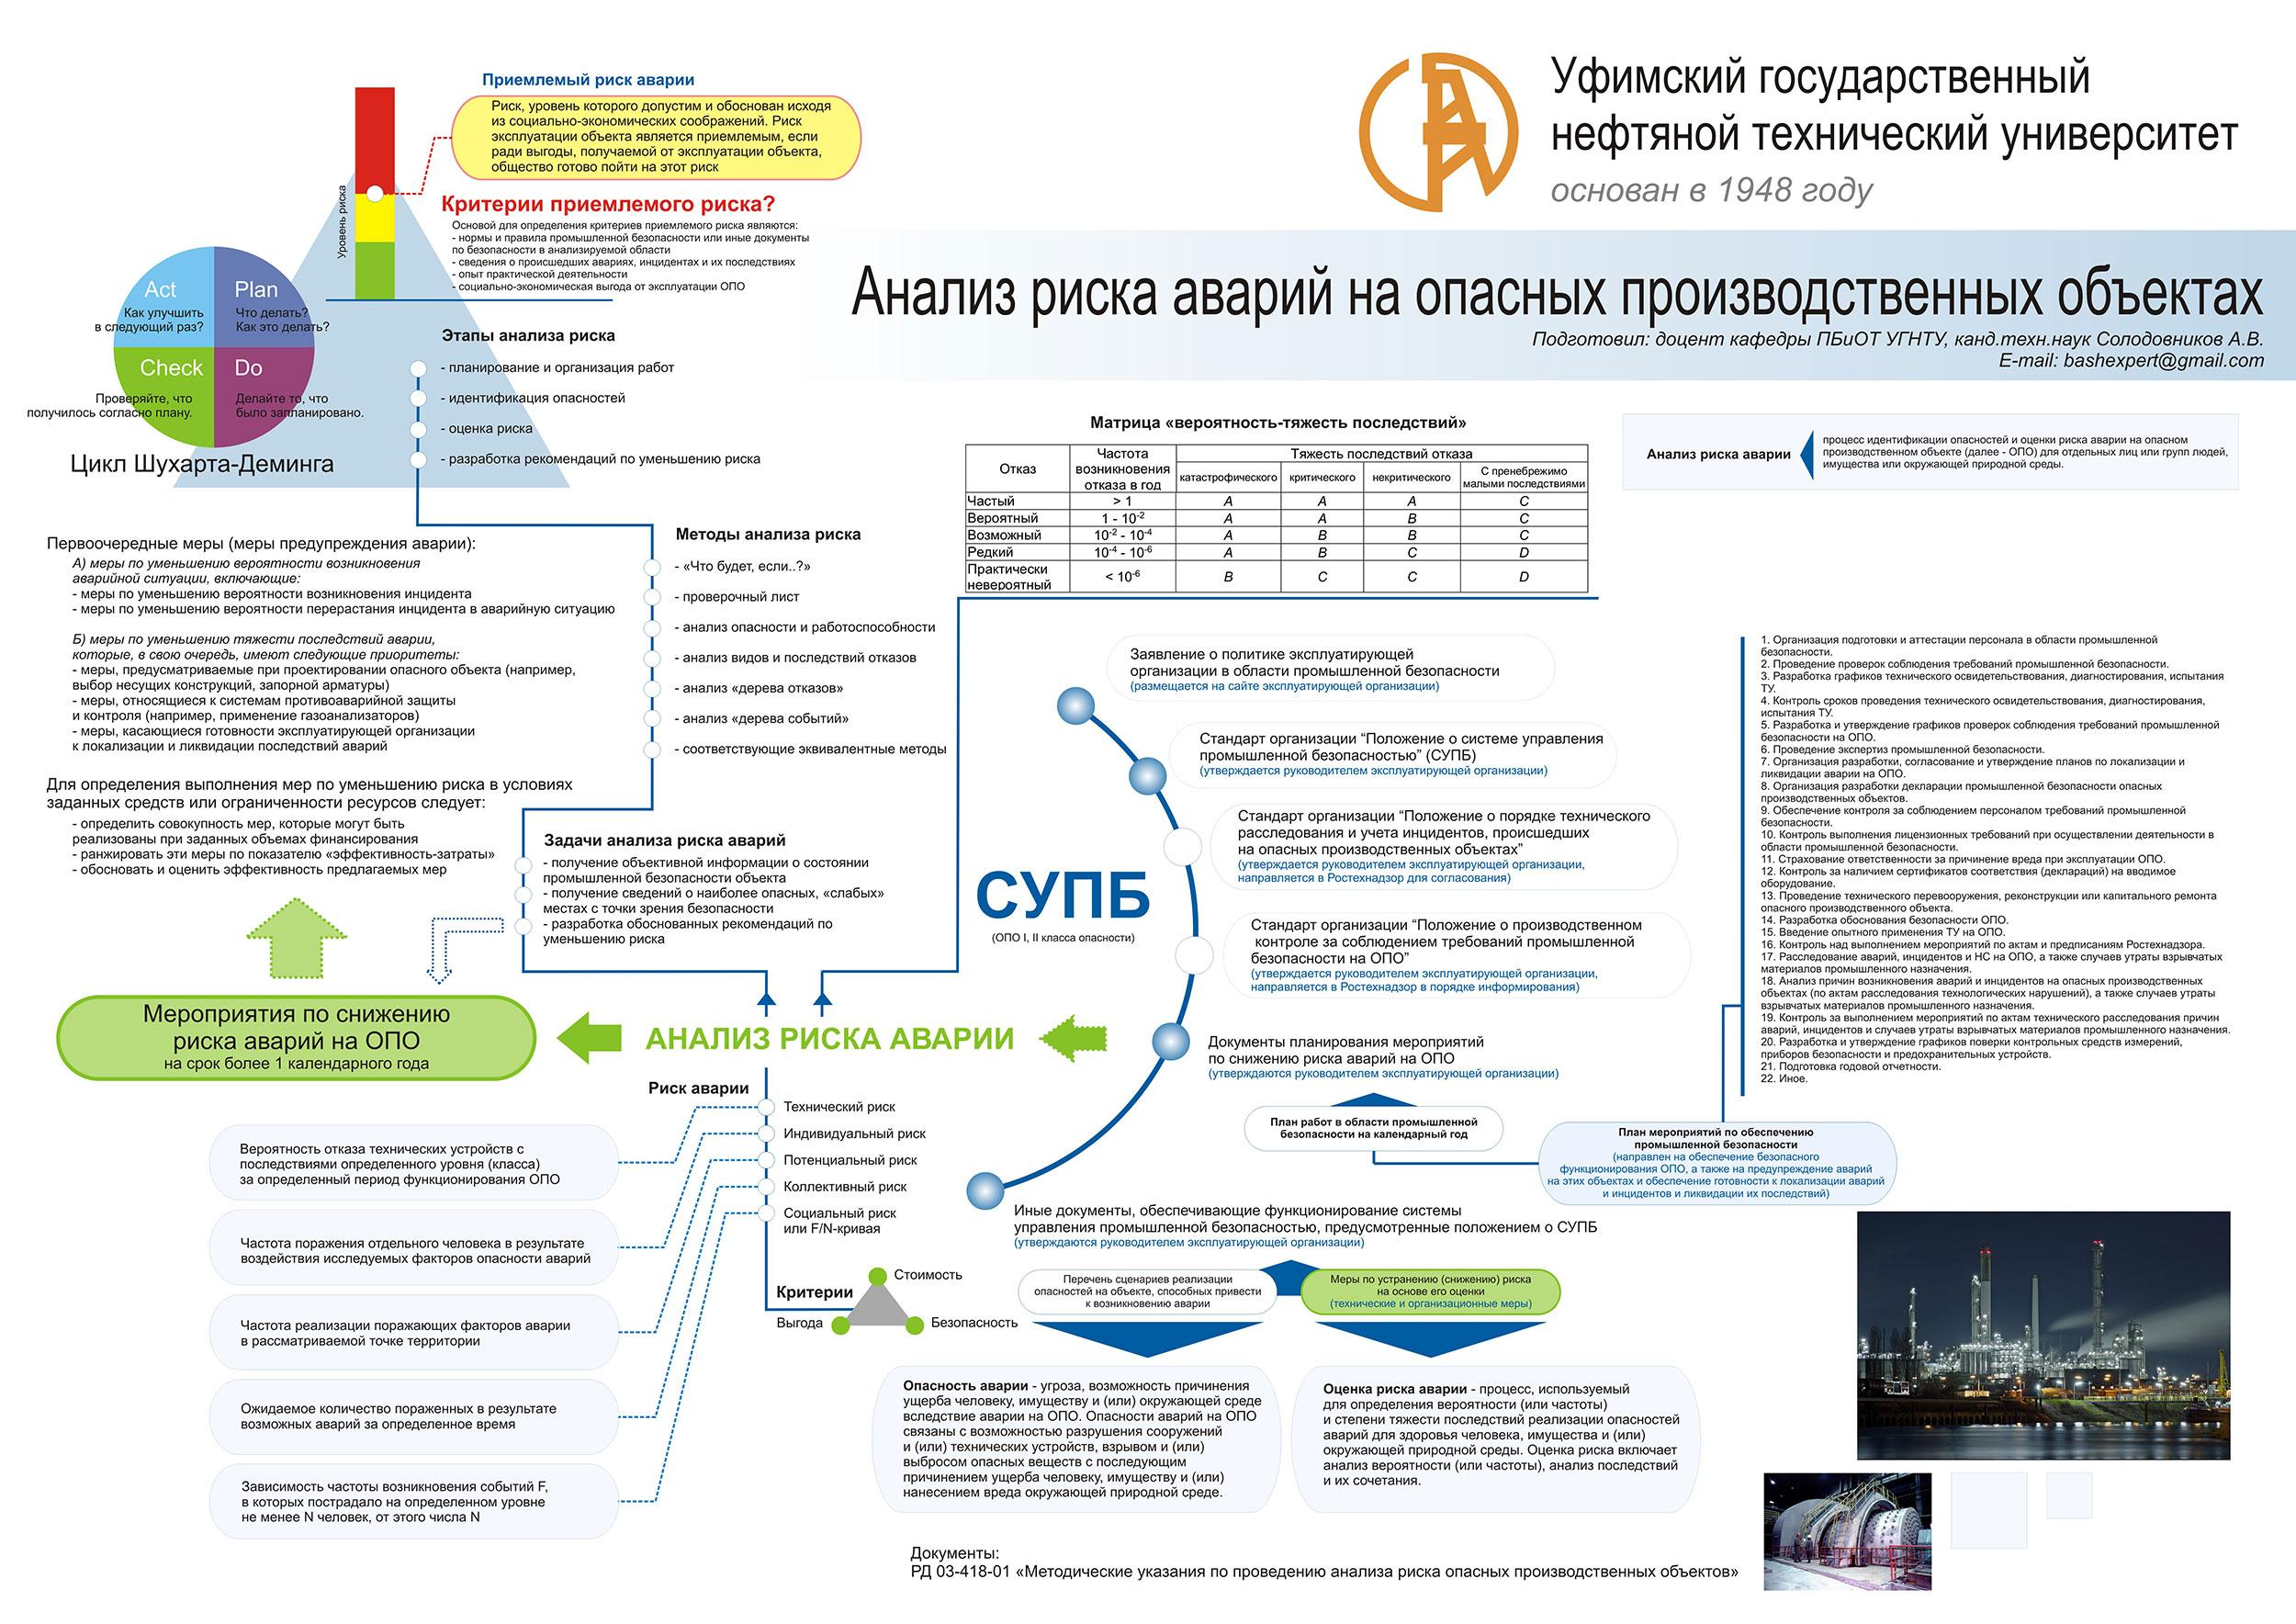 Аттестация а1 по промышленной безопасности в компании «ЕСИС»